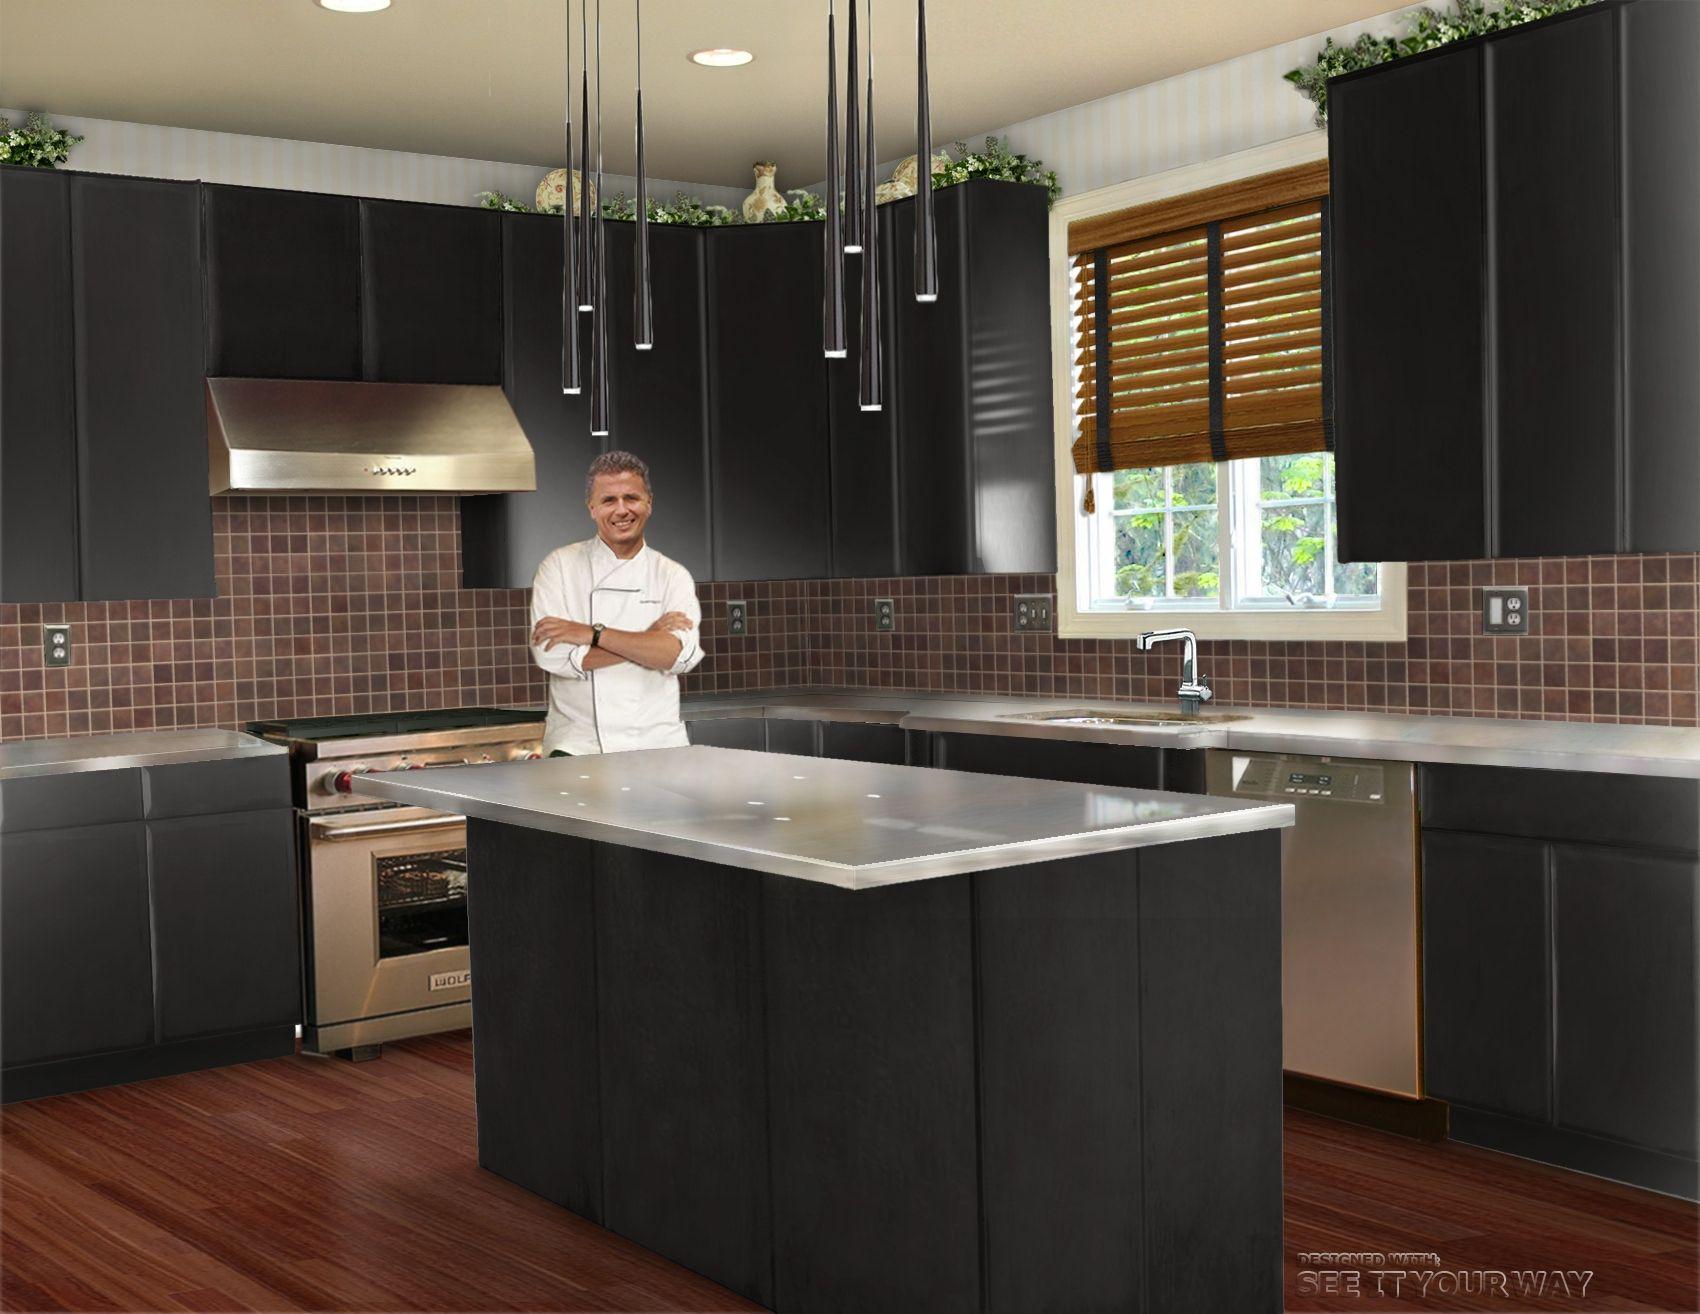 kitchens alluring designer elegant with decor virtual remarkable interior home kitchen online de design on inspiration depot